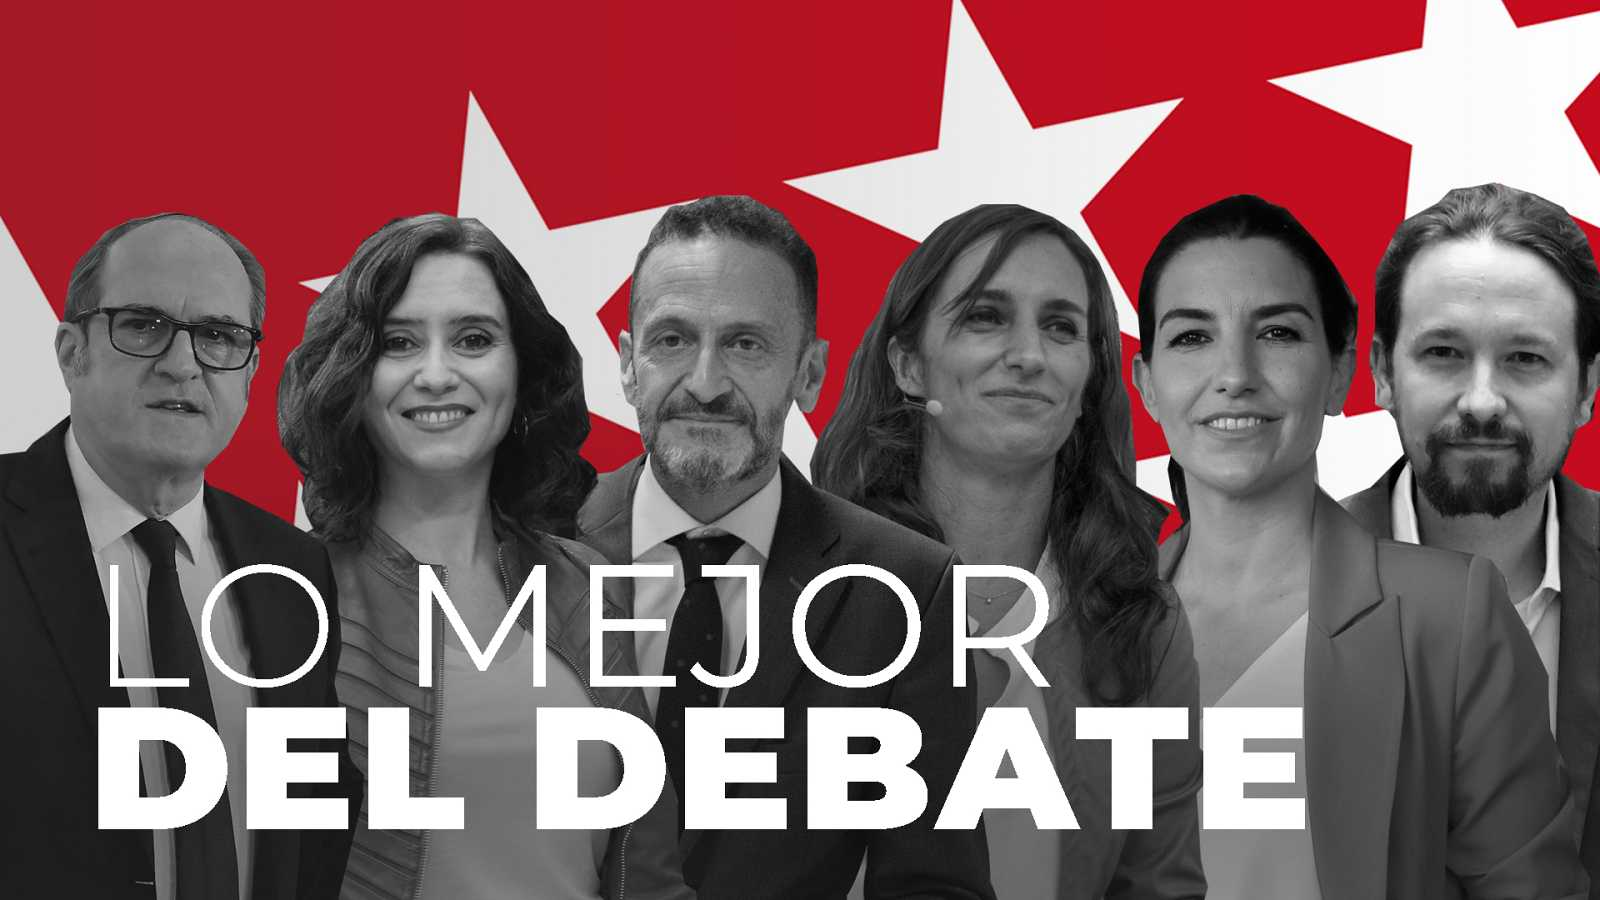 Los muertos, la 'propaganda filonazi' y los 'mantenidos': los momentos más tensos del primer debate del 4M